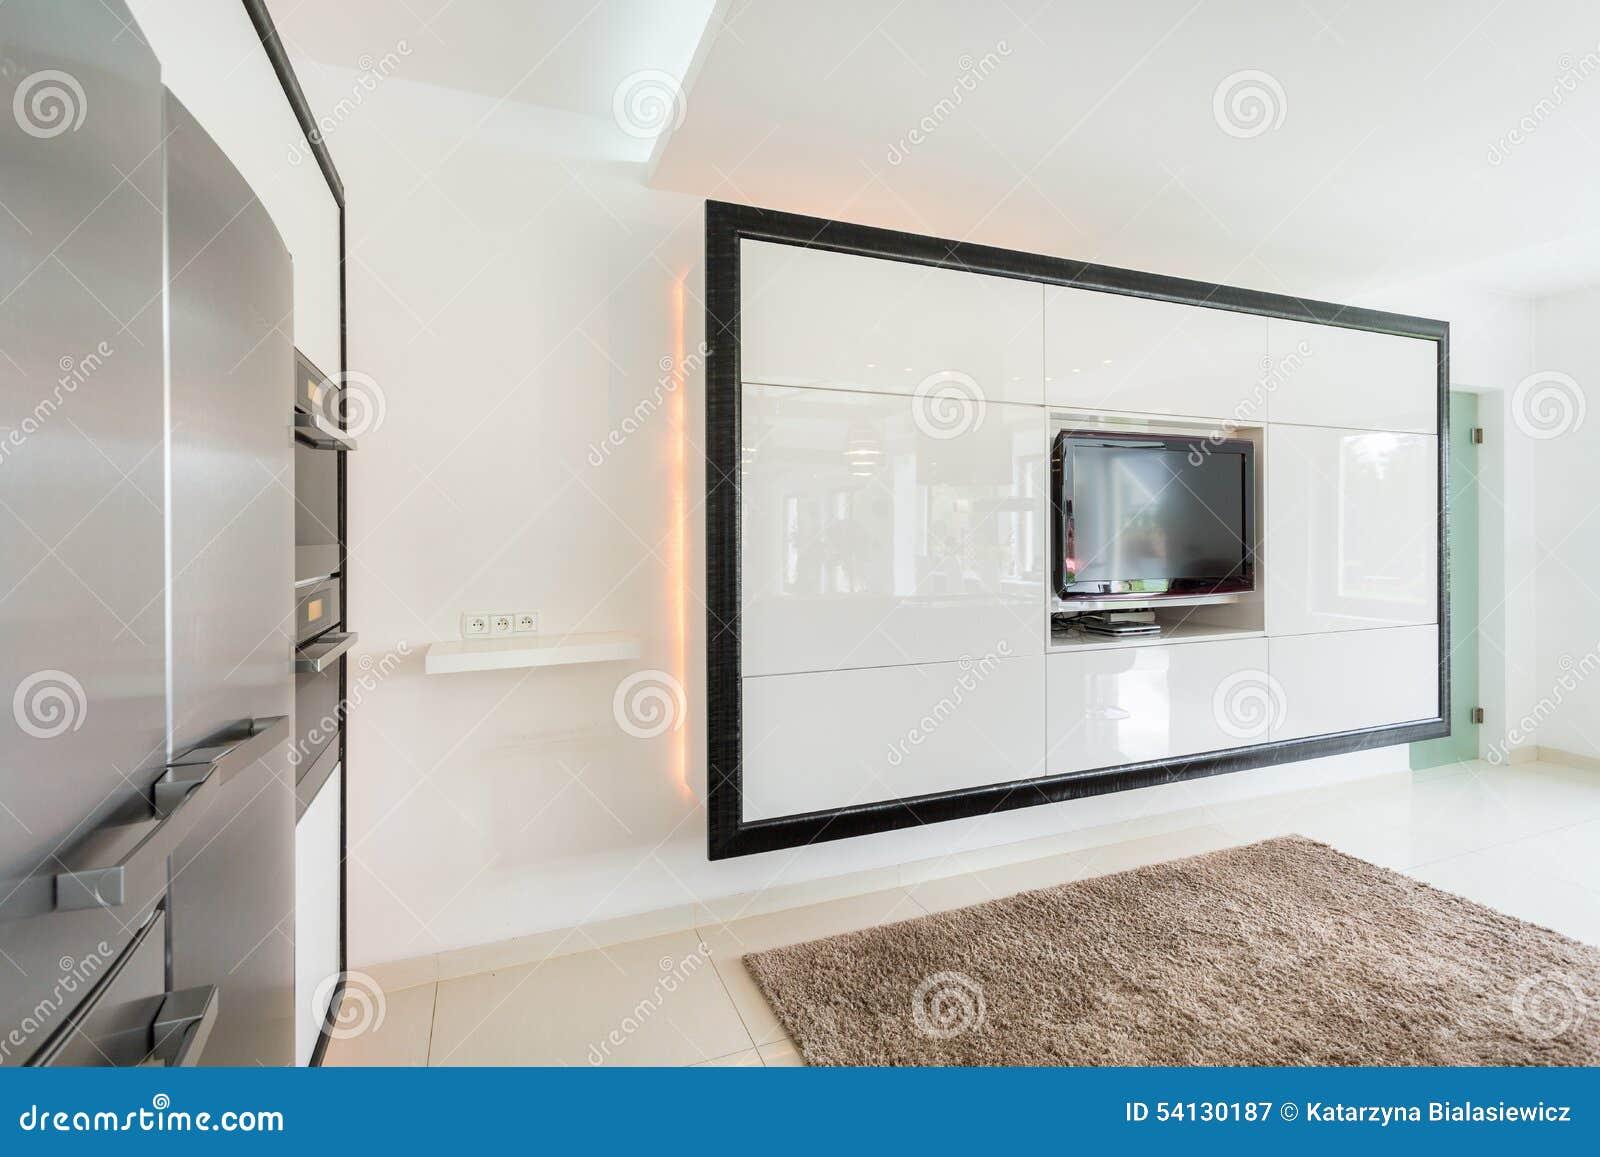 Tv Aan Muur : Reusachtige tv op de muur in woonkamer stock afbeelding